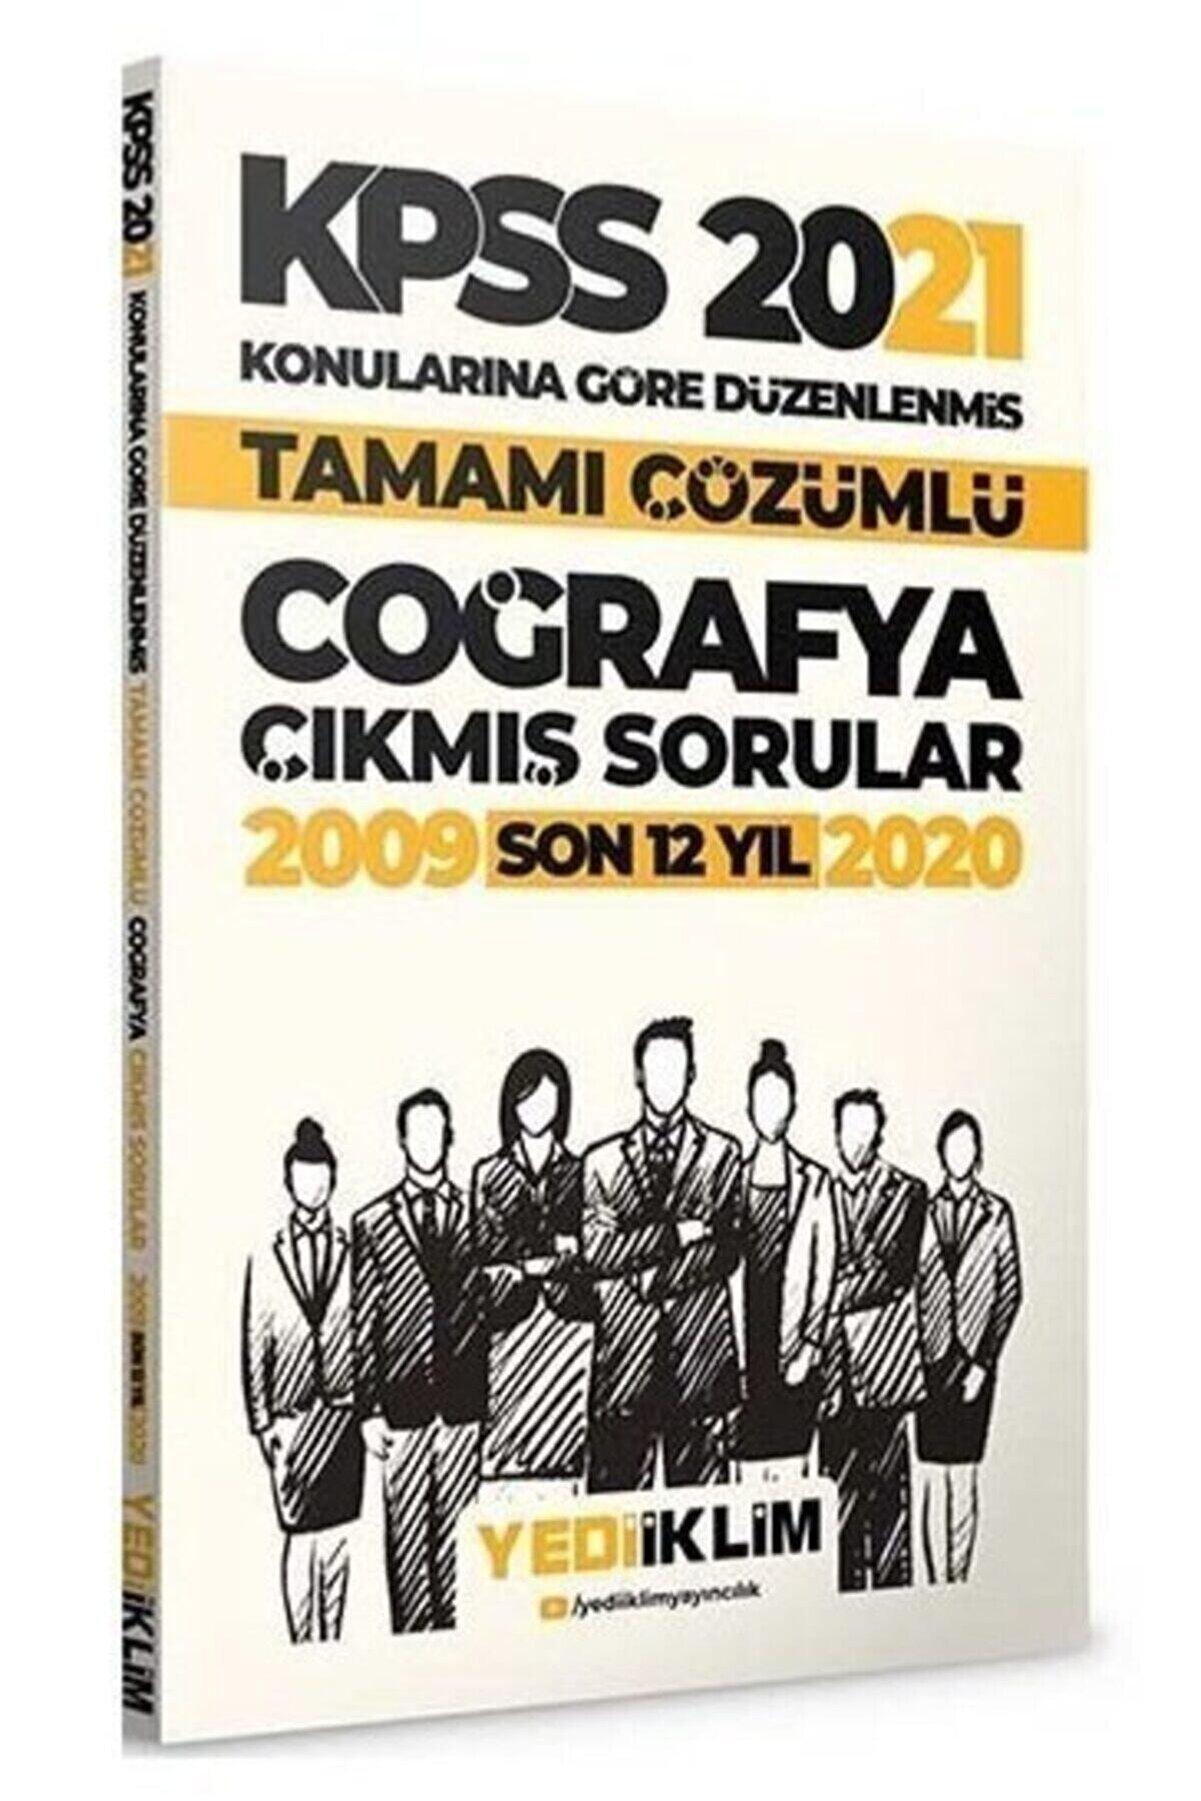 Yediiklim Yayınları 2021 Kpss Coğrafya Çıkmış Sorular Konularına Göre Çözümlü